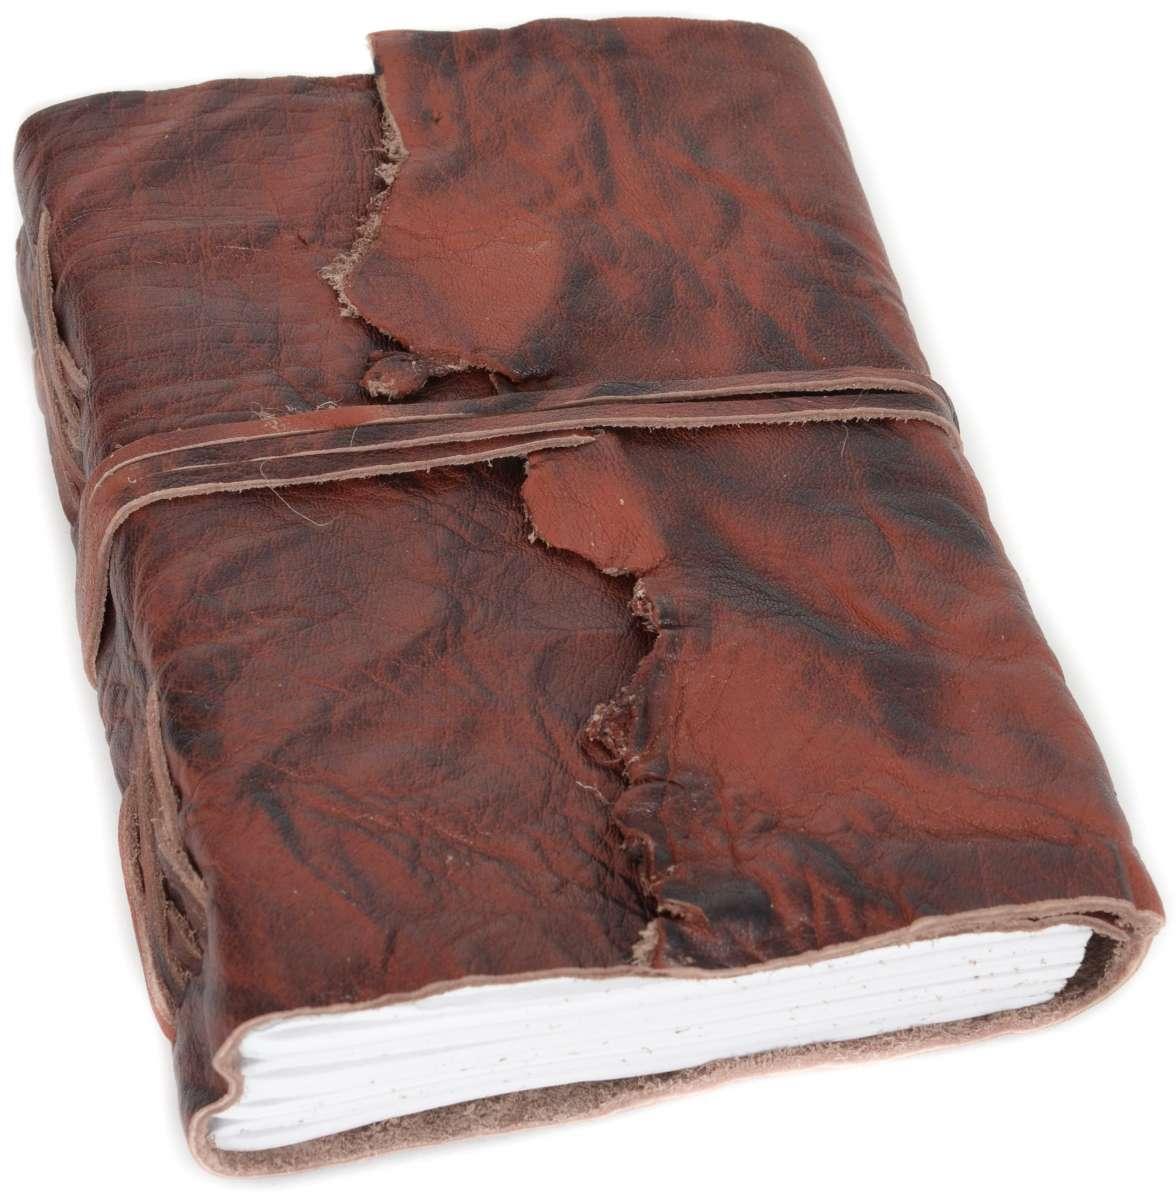 Gusti Leder /'Ronda/' Reisetagebuch Notizbuch Notizblock Buch Tagebuch Lederbuch